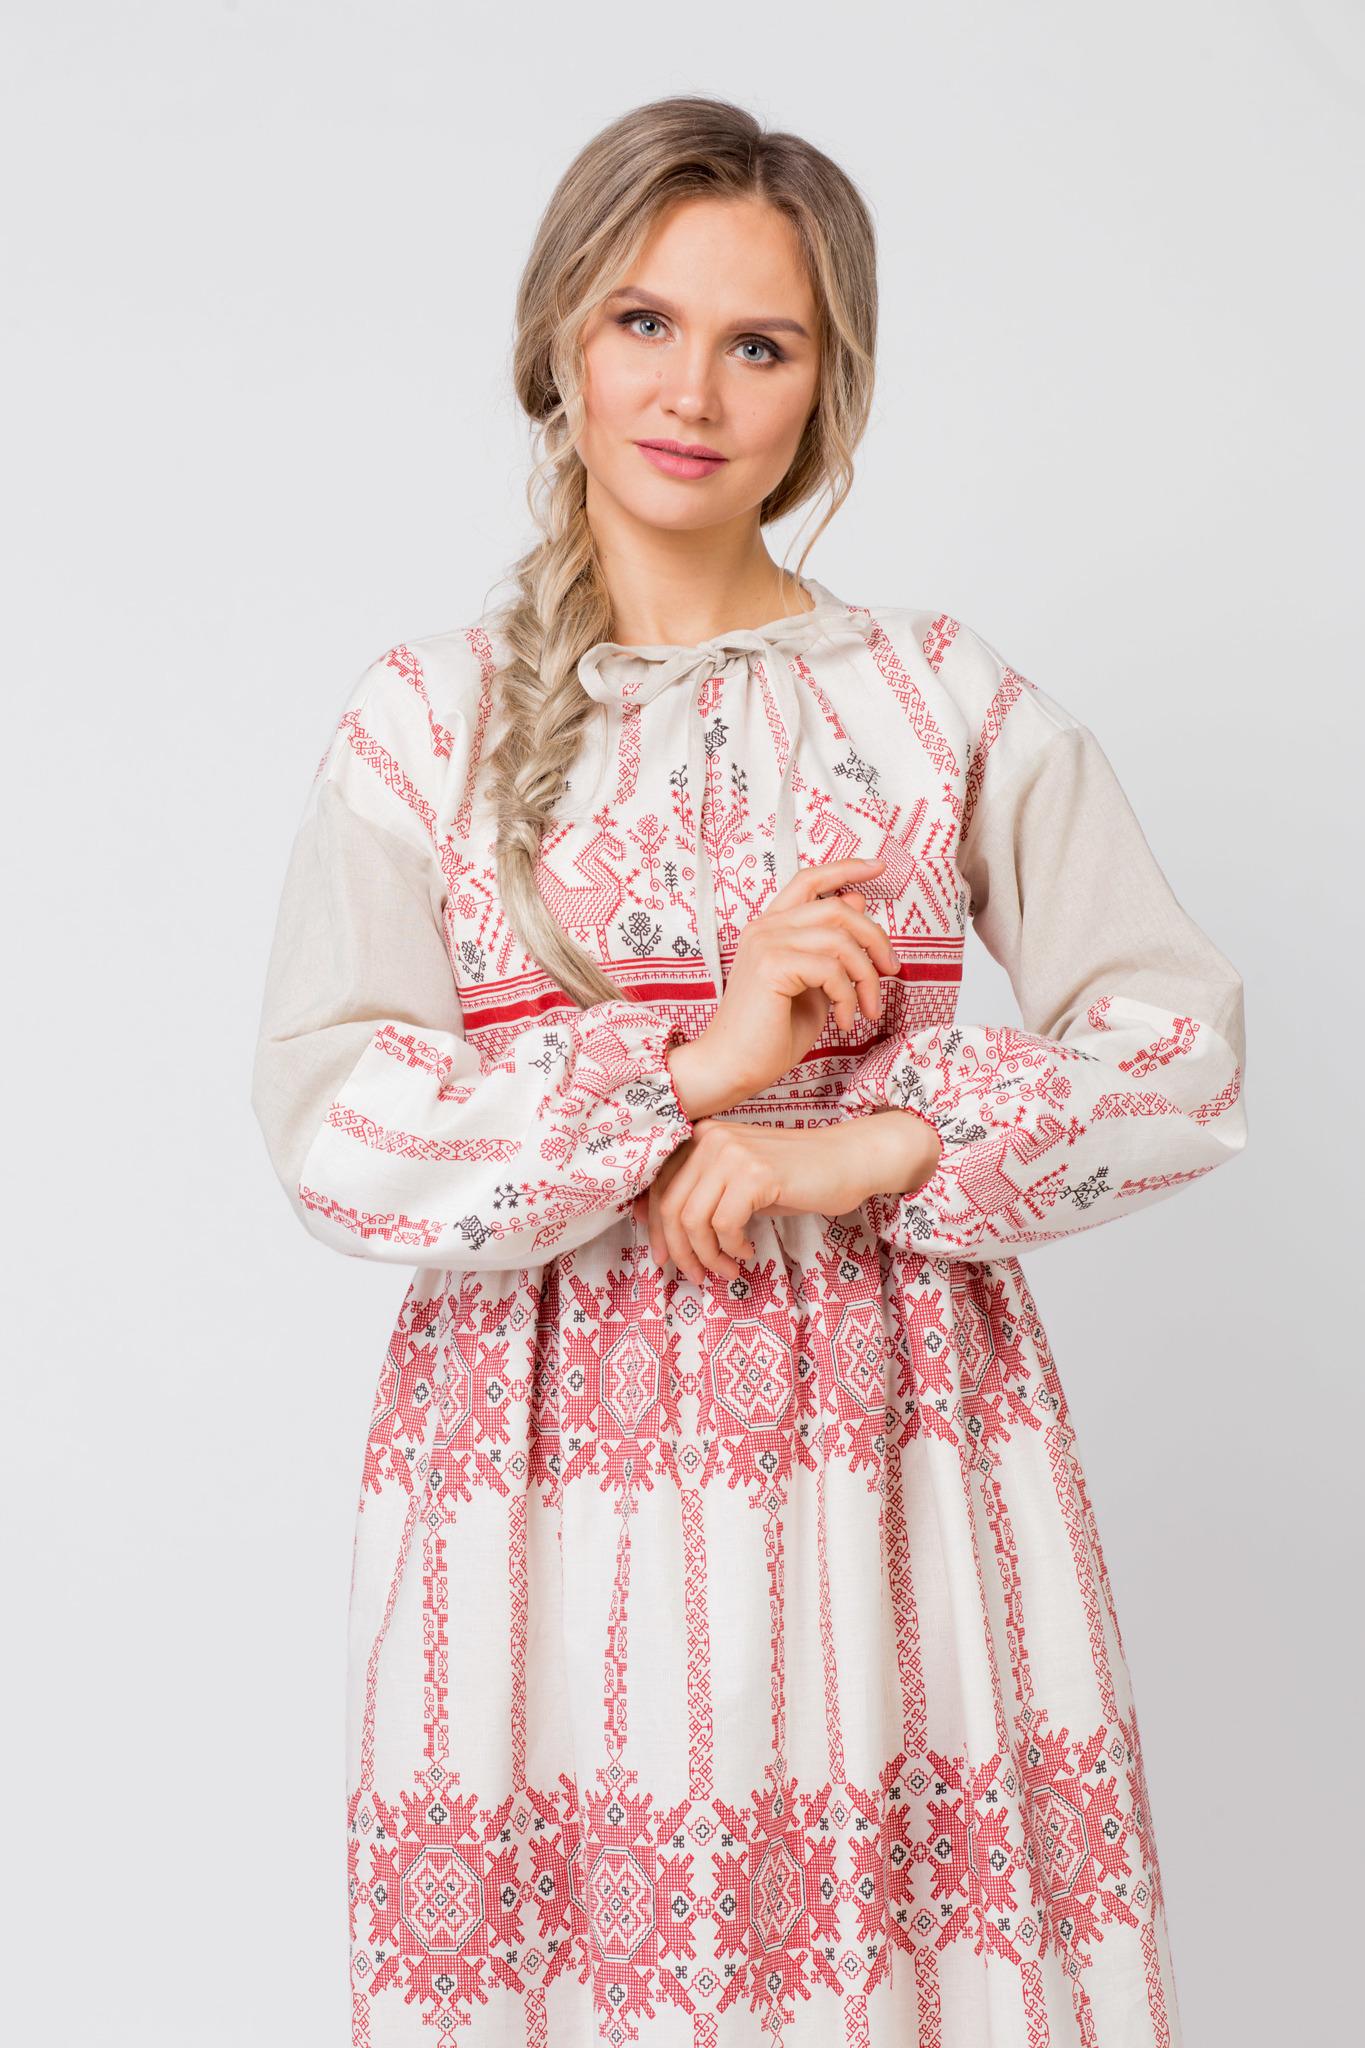 Платье льняное Земледелие приближенный фрагмент